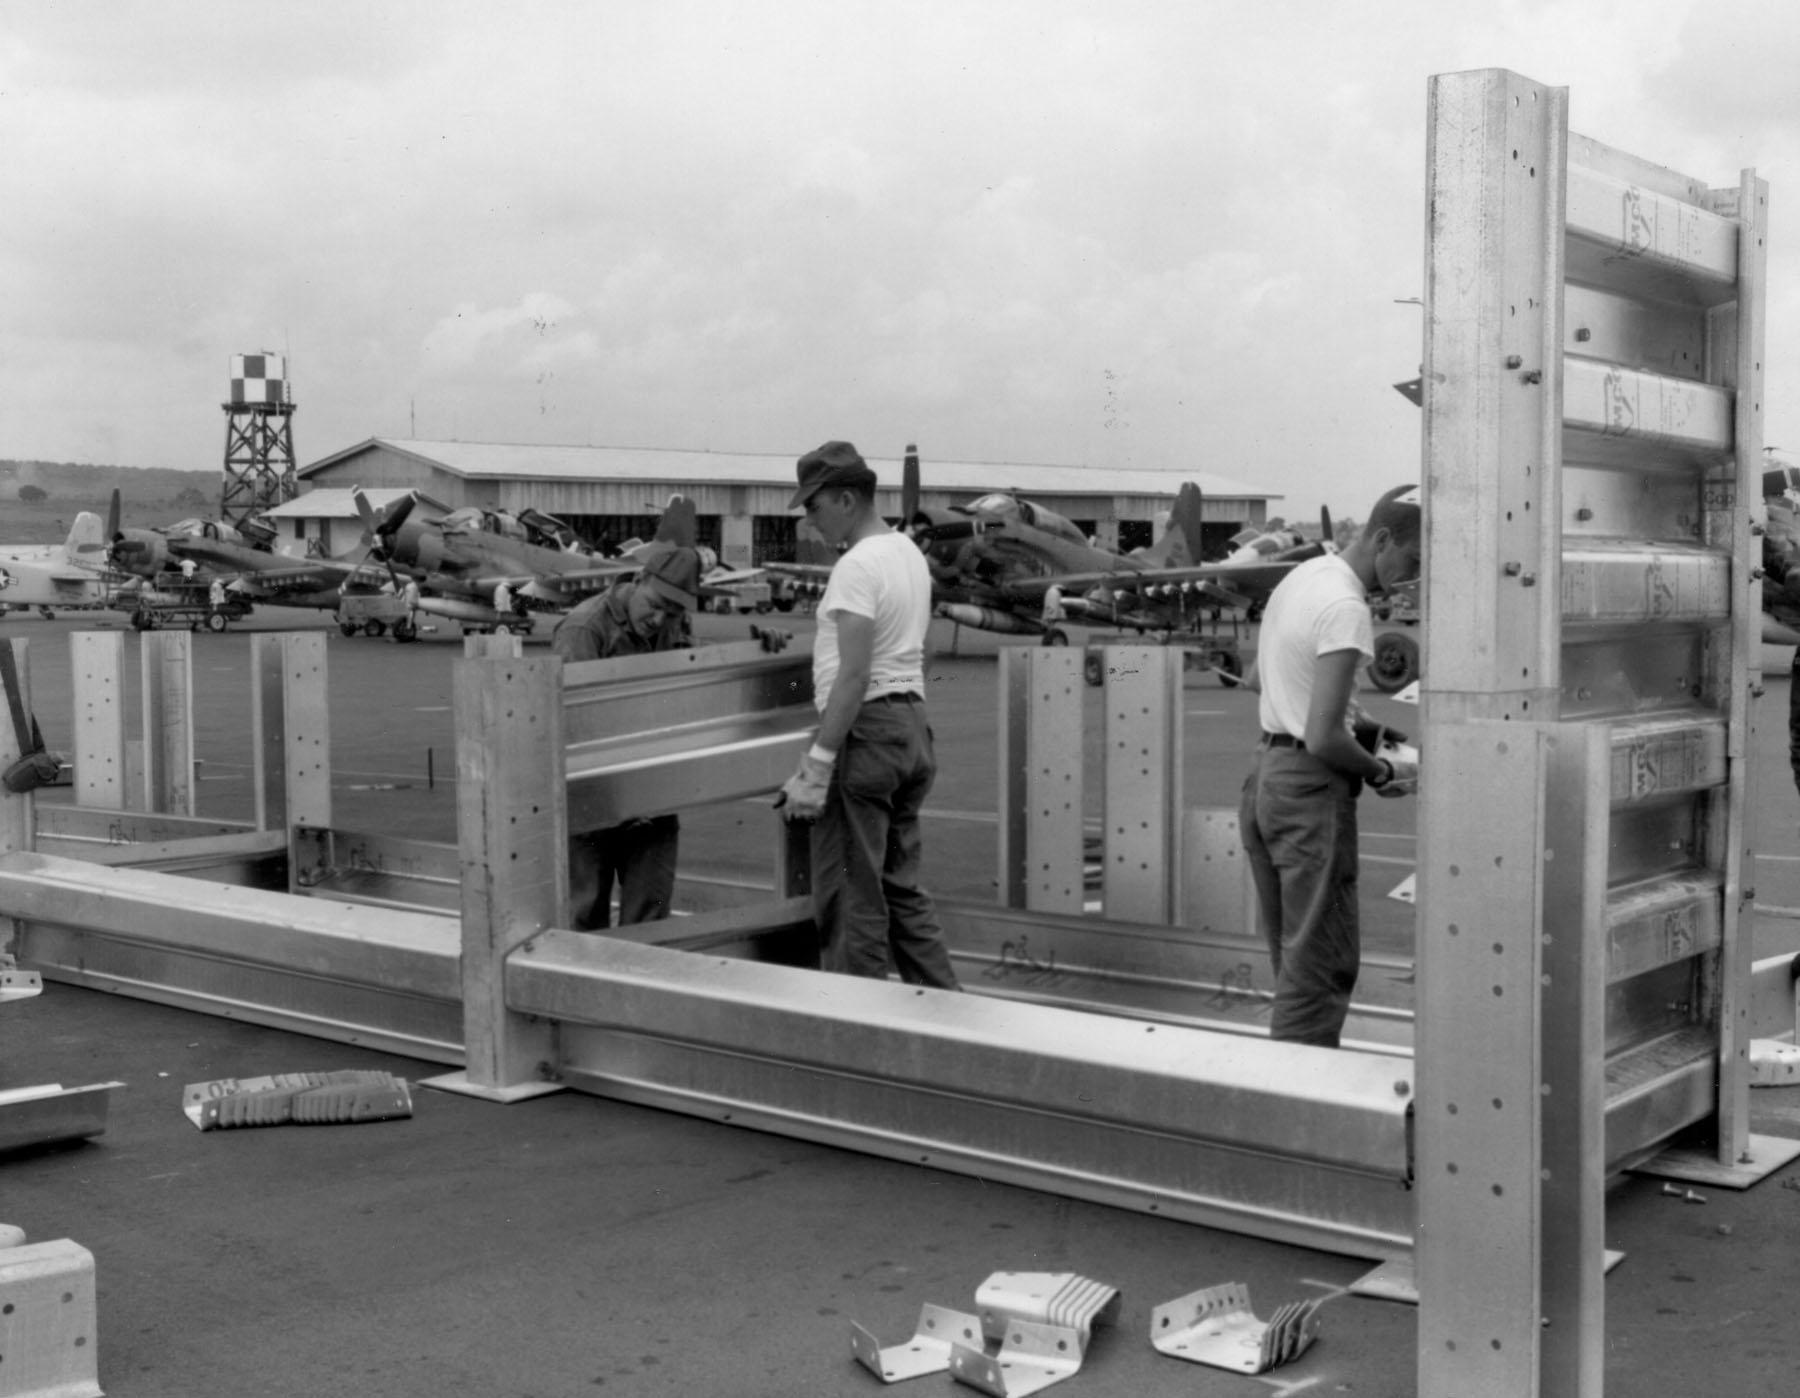 Процесс постройки защитного капонира для авиационной техники на одной из американских авиабаз во Вьетнаме.